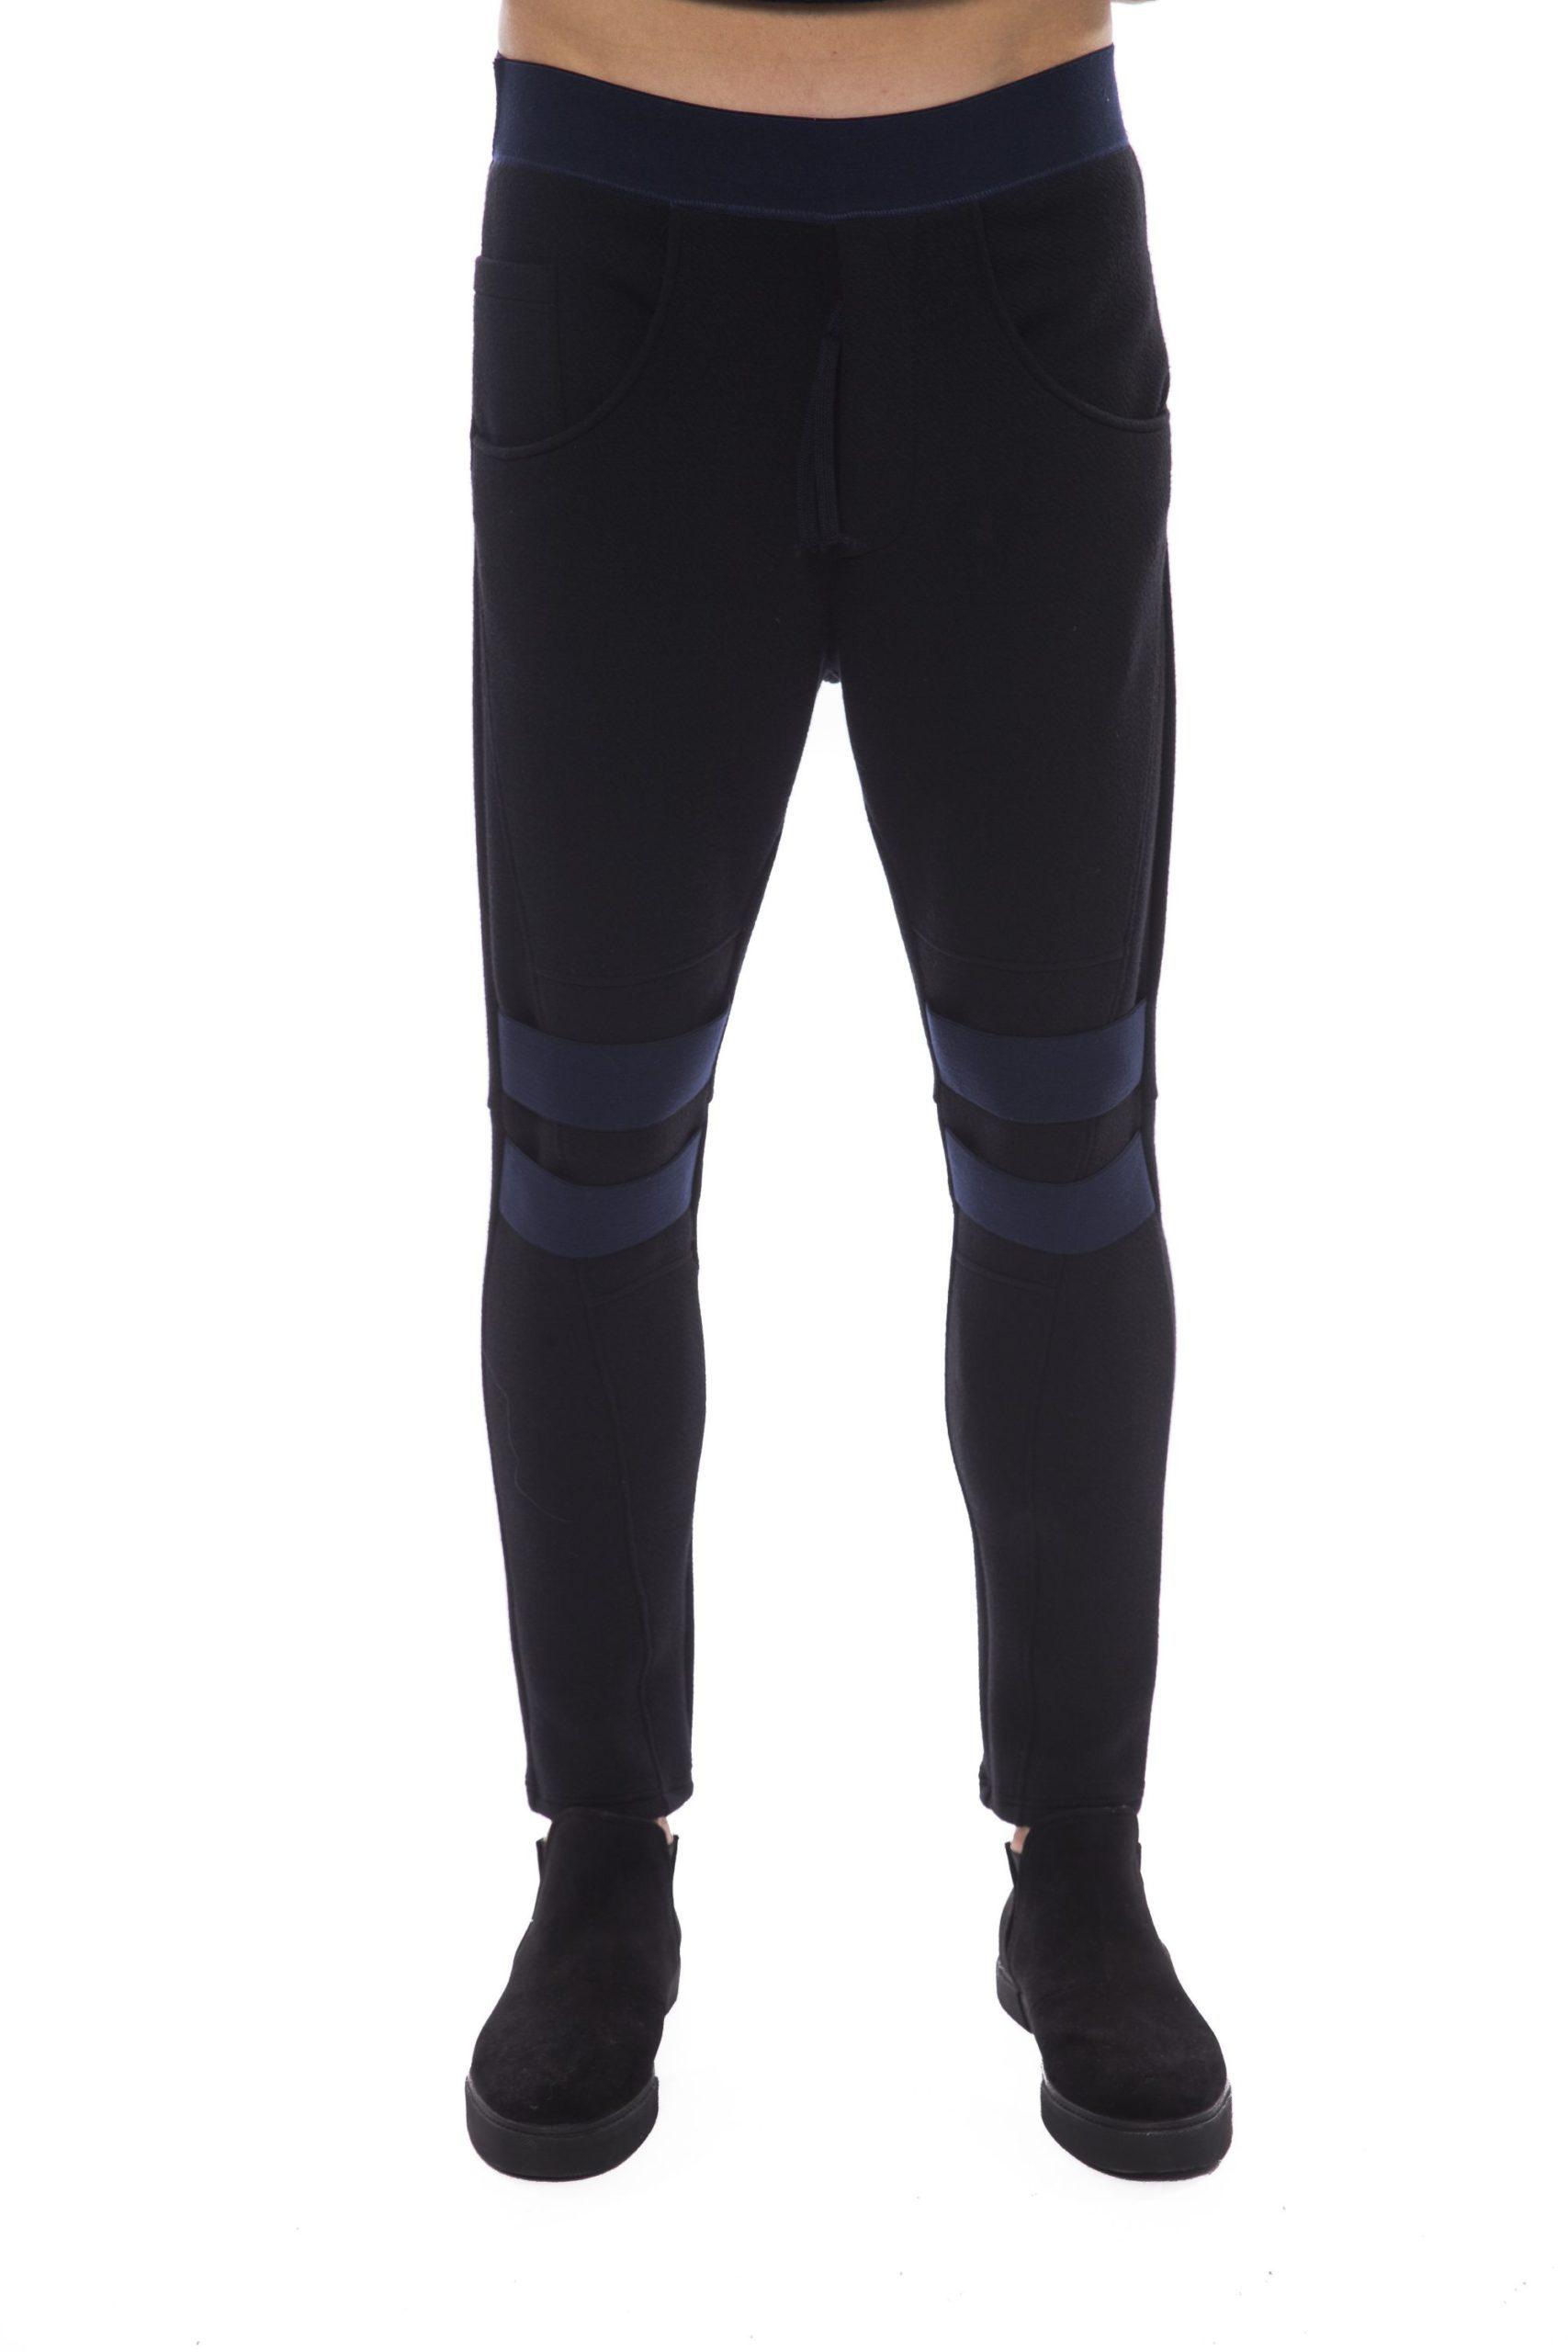 Nicolo Tonetto Men's Nero Trouser Black NI1394703 - S